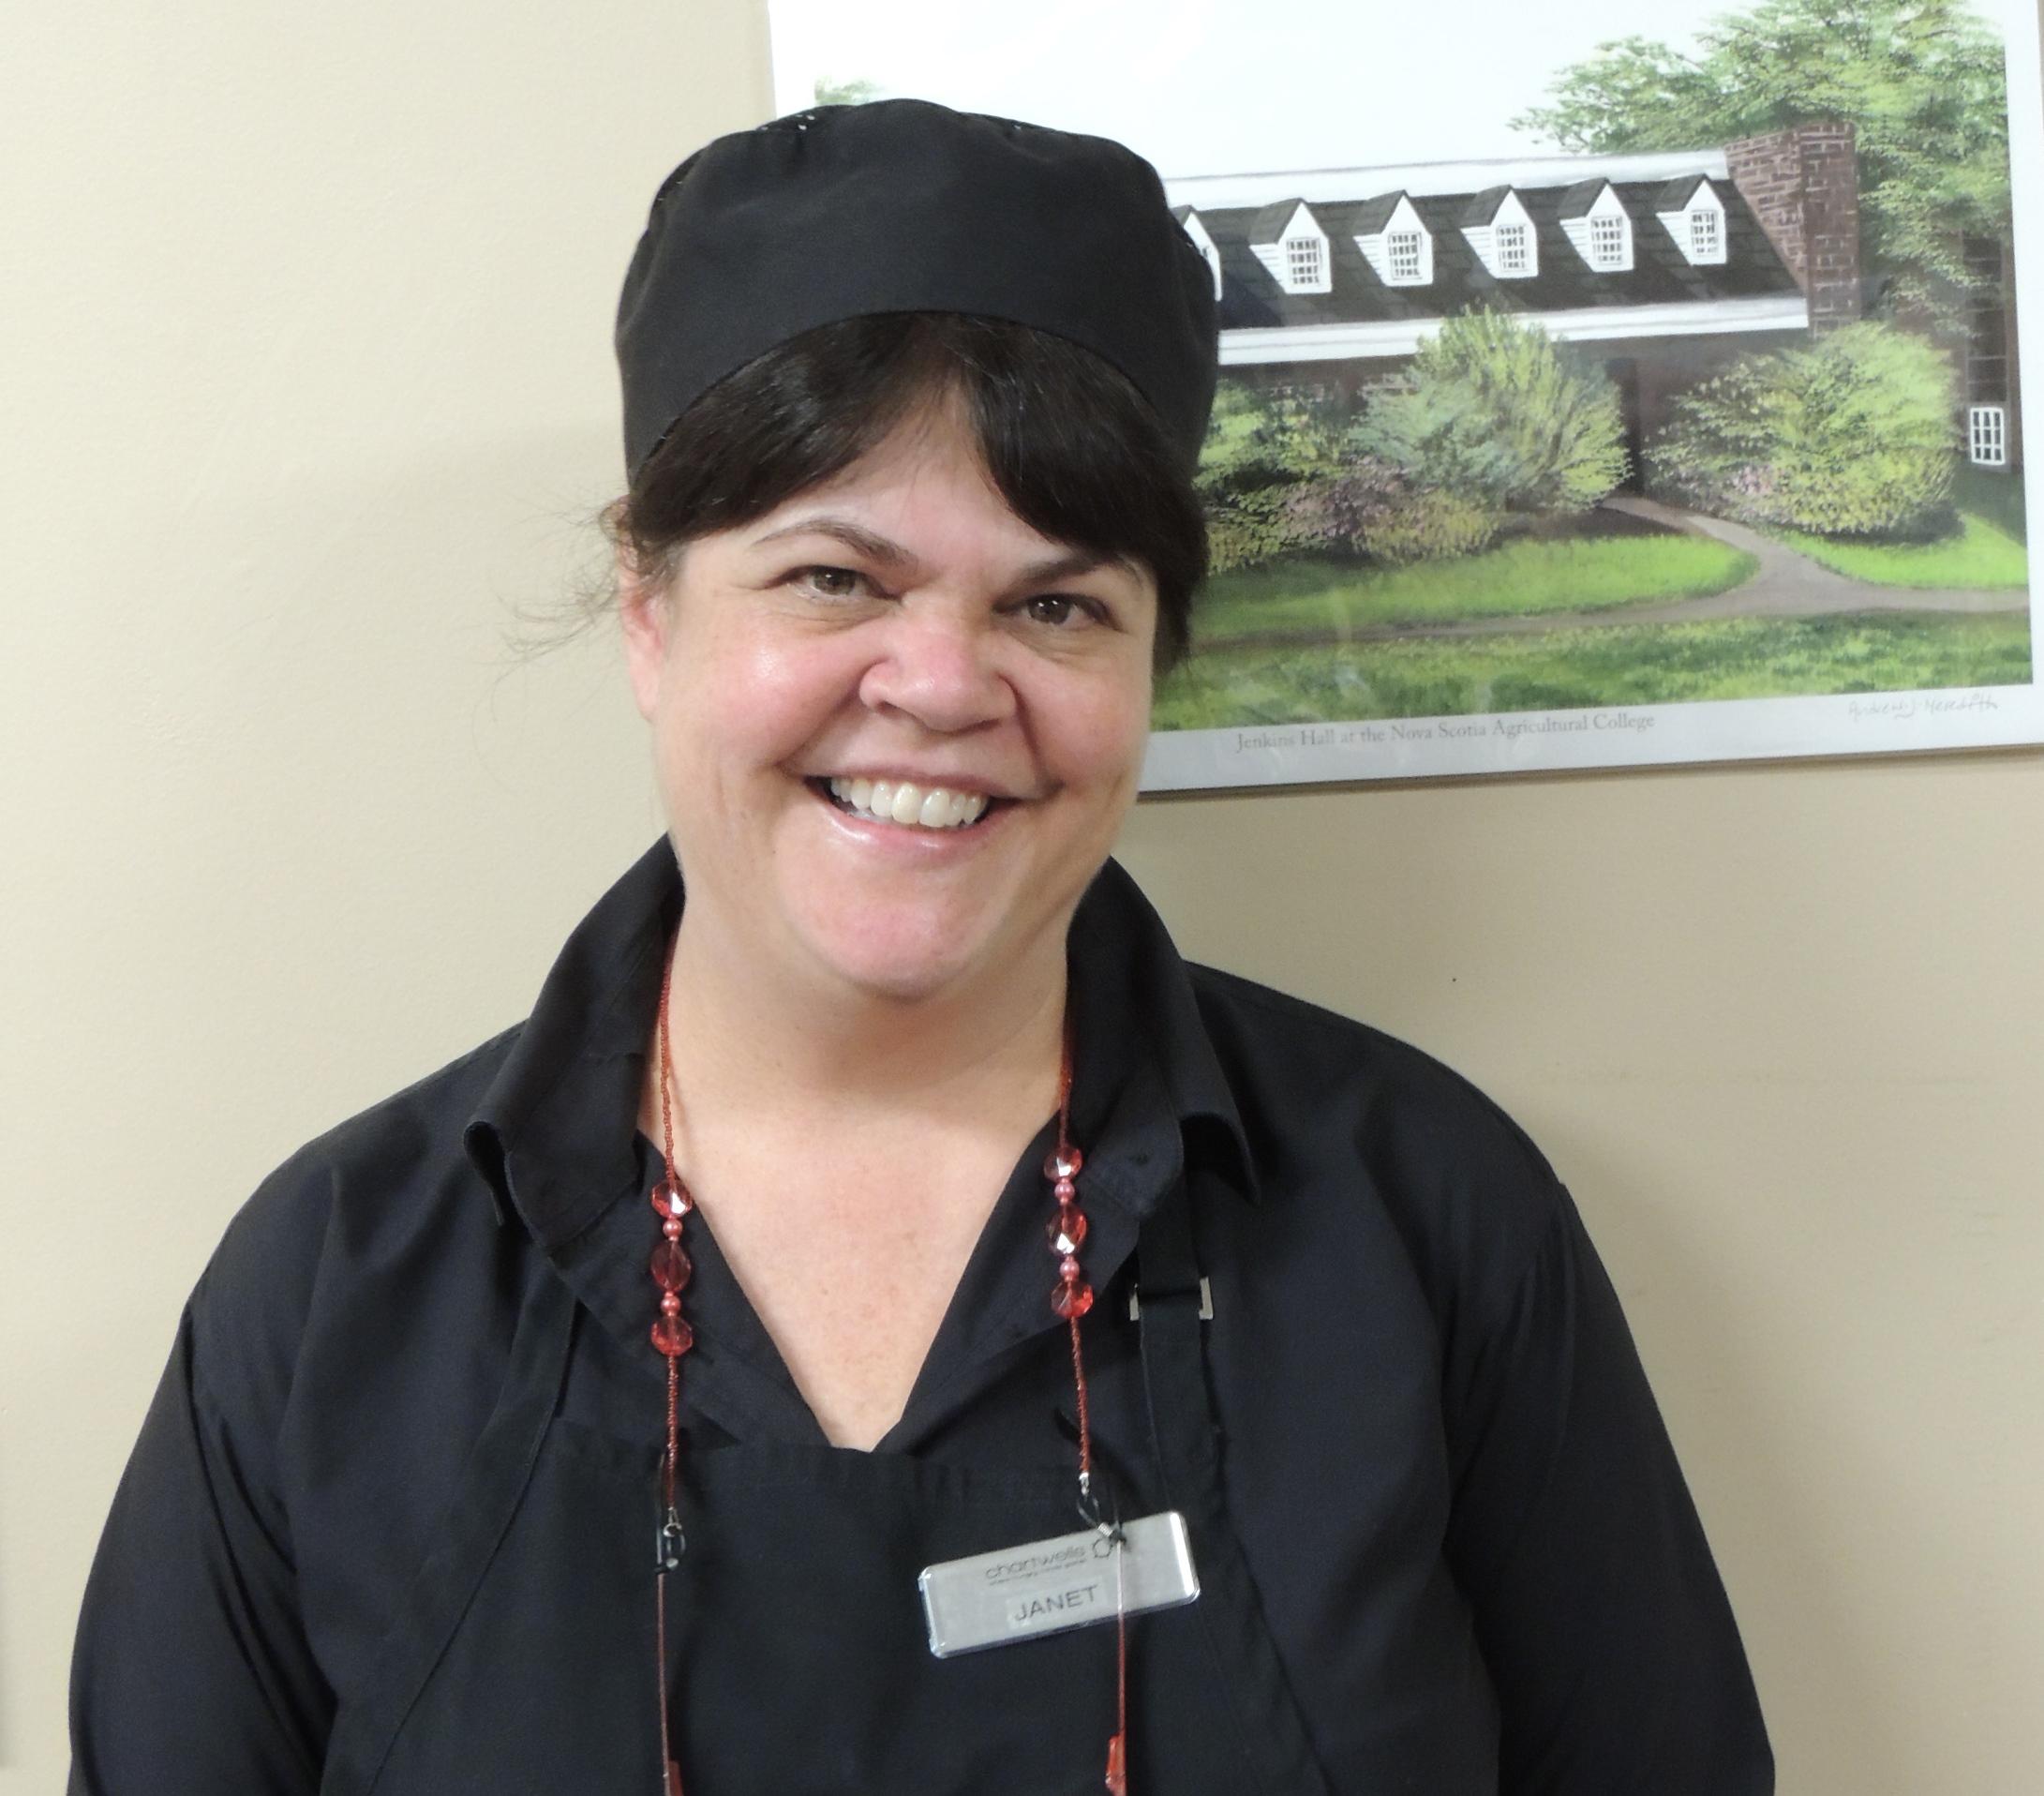 Janet Soley - Banquet Associate